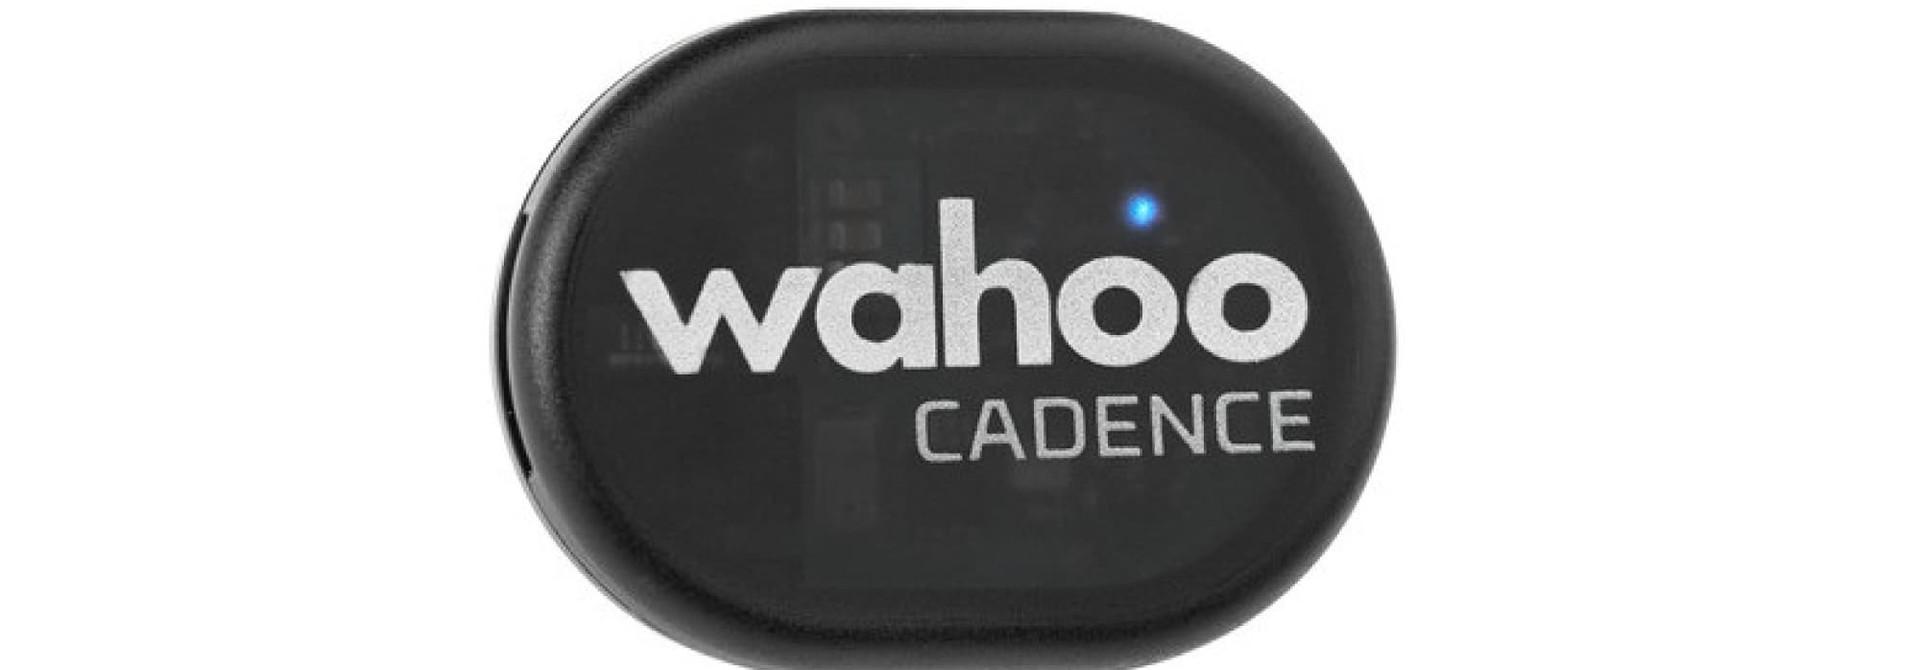 RPM Cadence Sensor